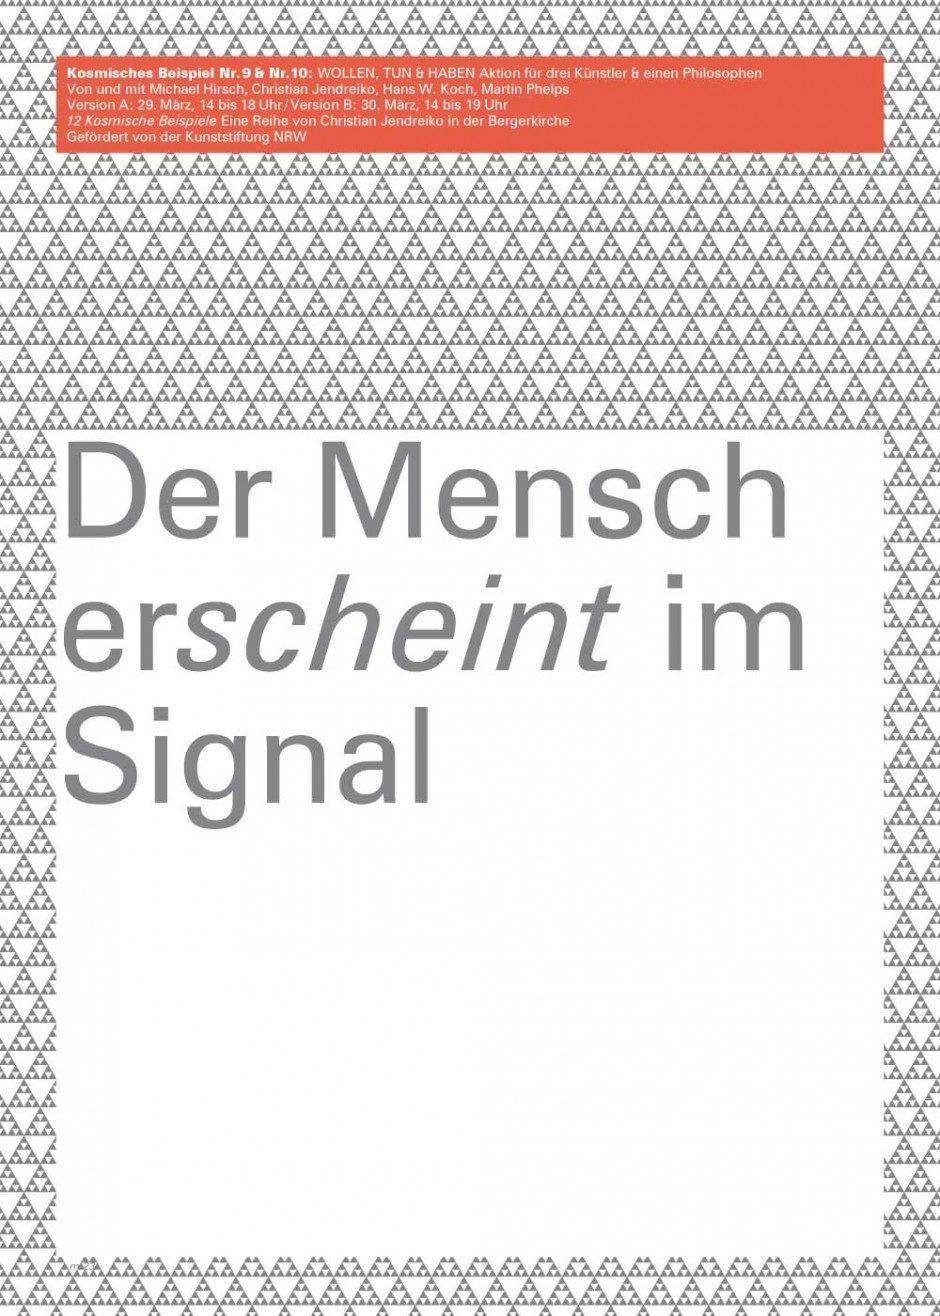 Plakatserie zu den Aufführungen von Klangkünstler Christian Jendreiko